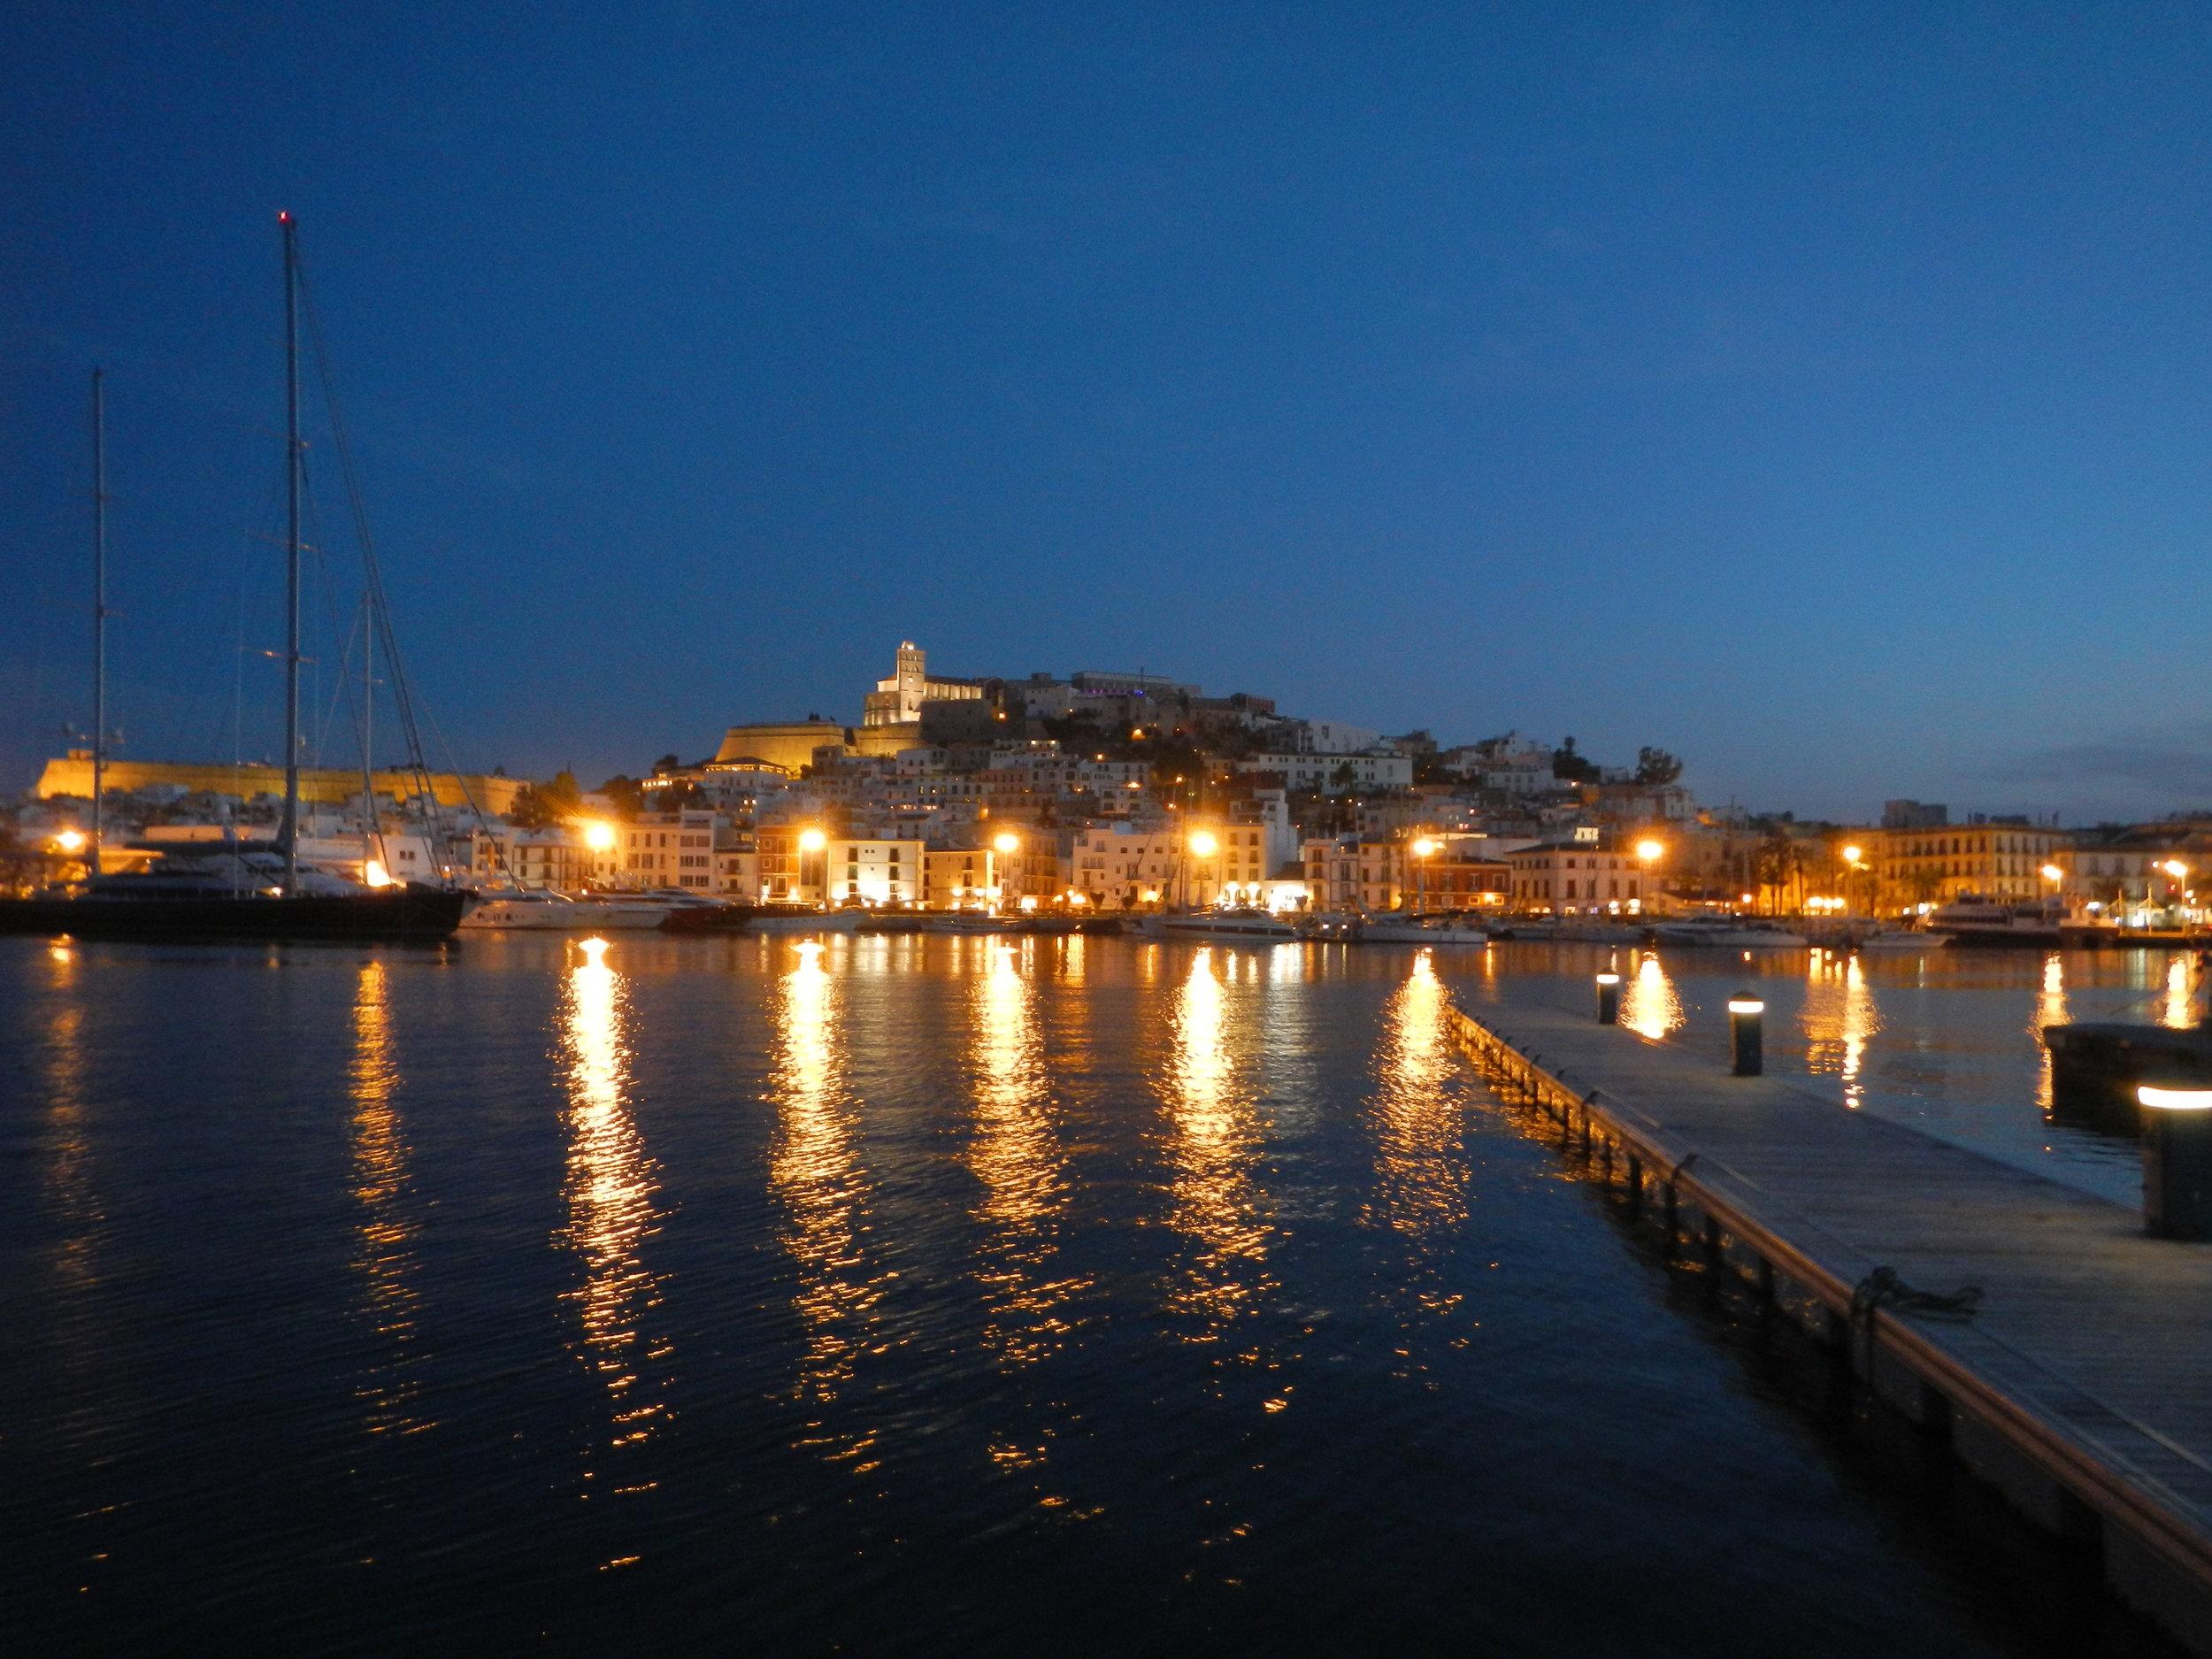 Ibiza Stadt bei Nacht.JPG